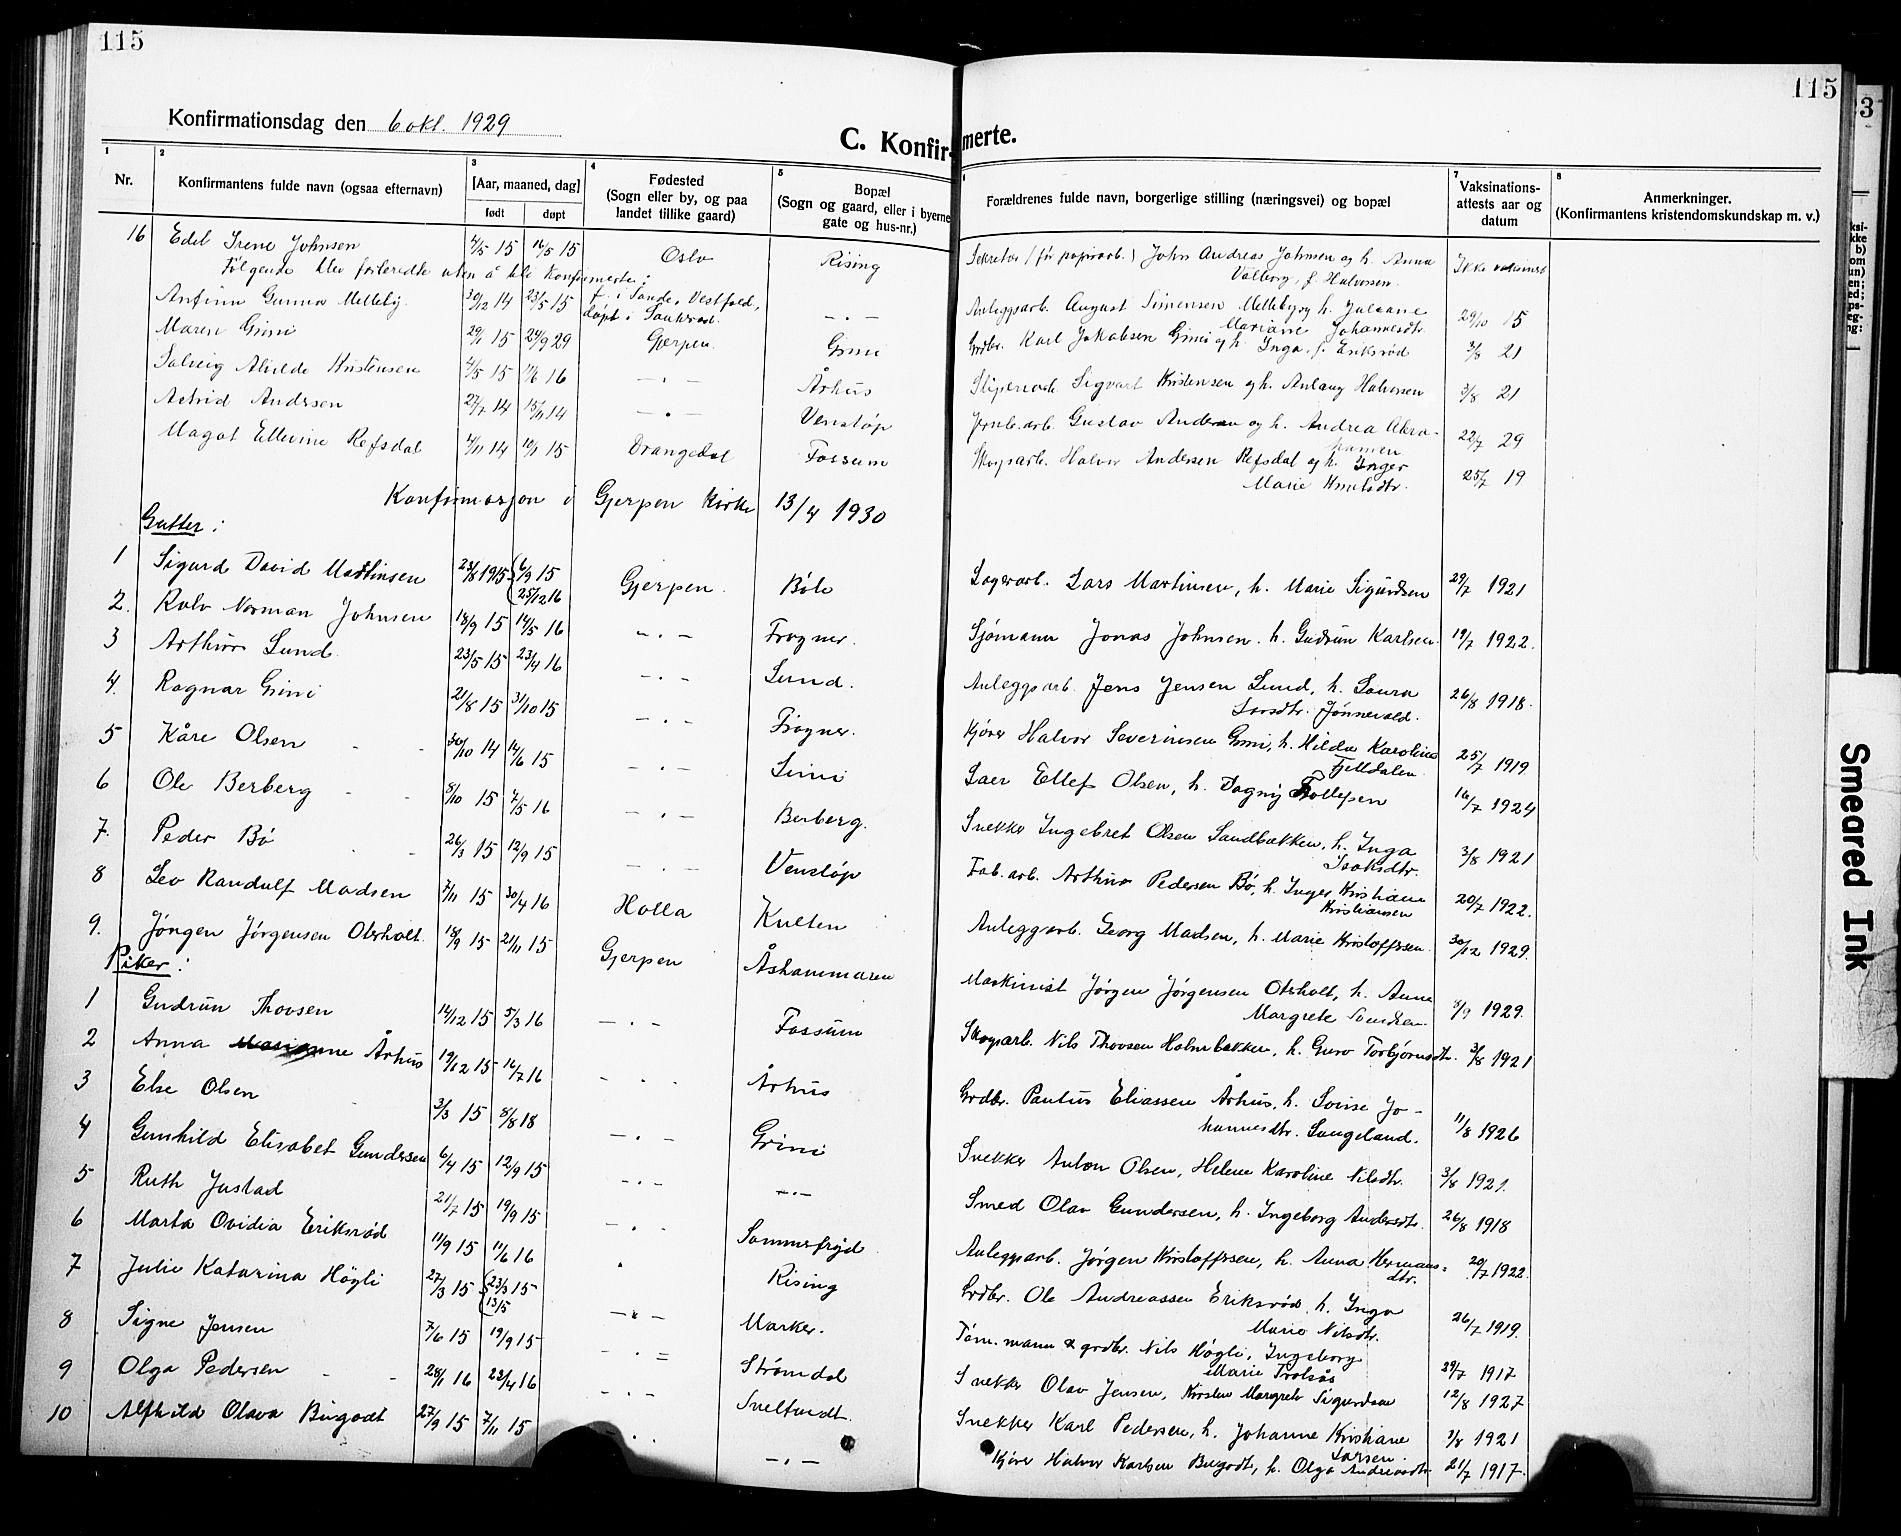 SAKO, Gjerpen kirkebøker, G/Ga/L0004: Klokkerbok nr. I 4, 1920-1931, s. 115